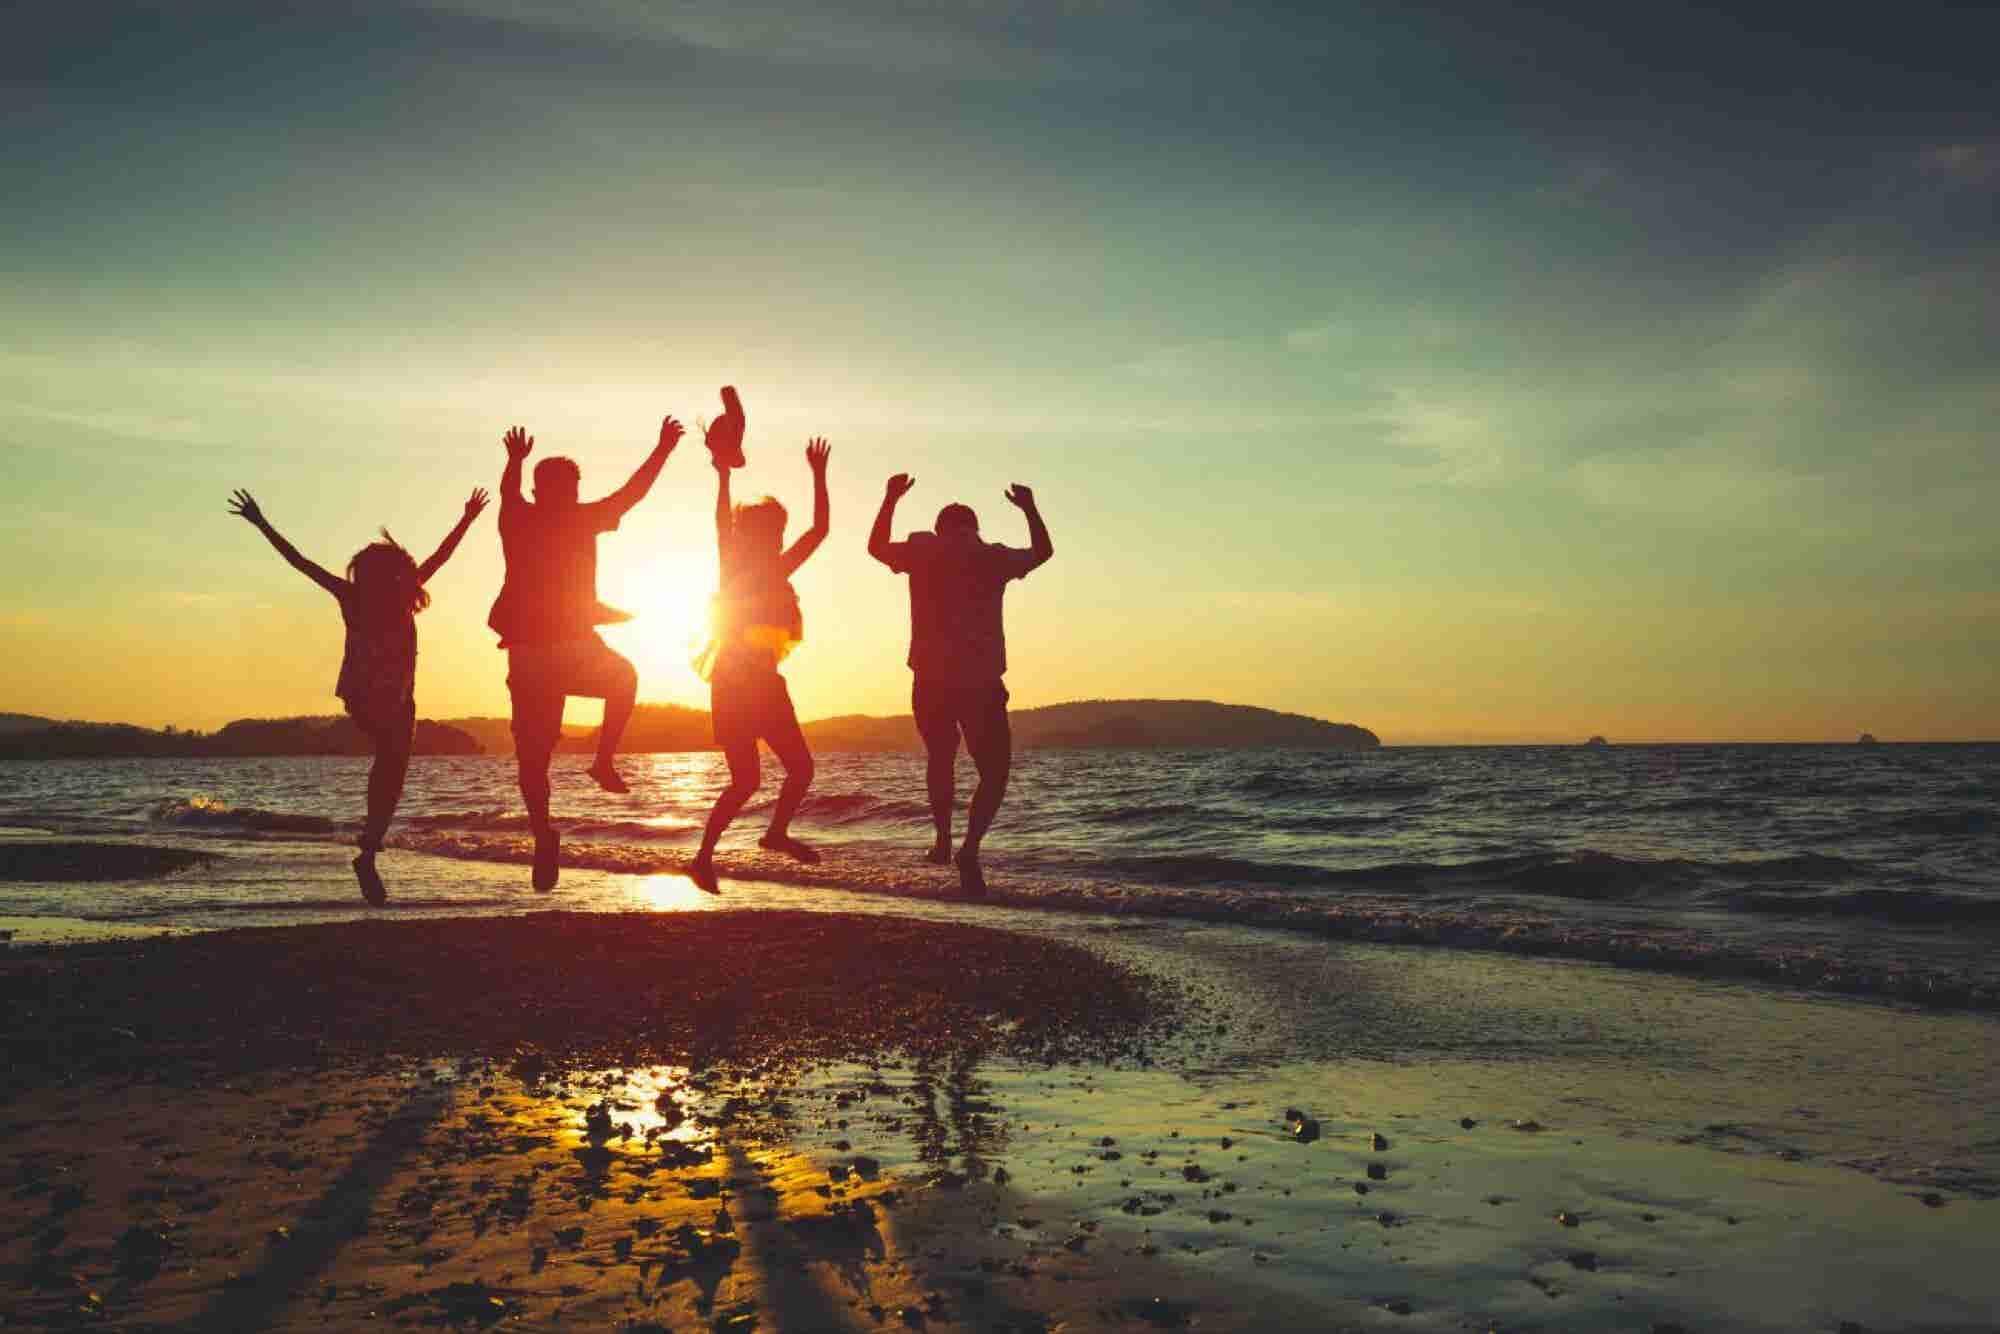 La ruta hacia un mundo más feliz